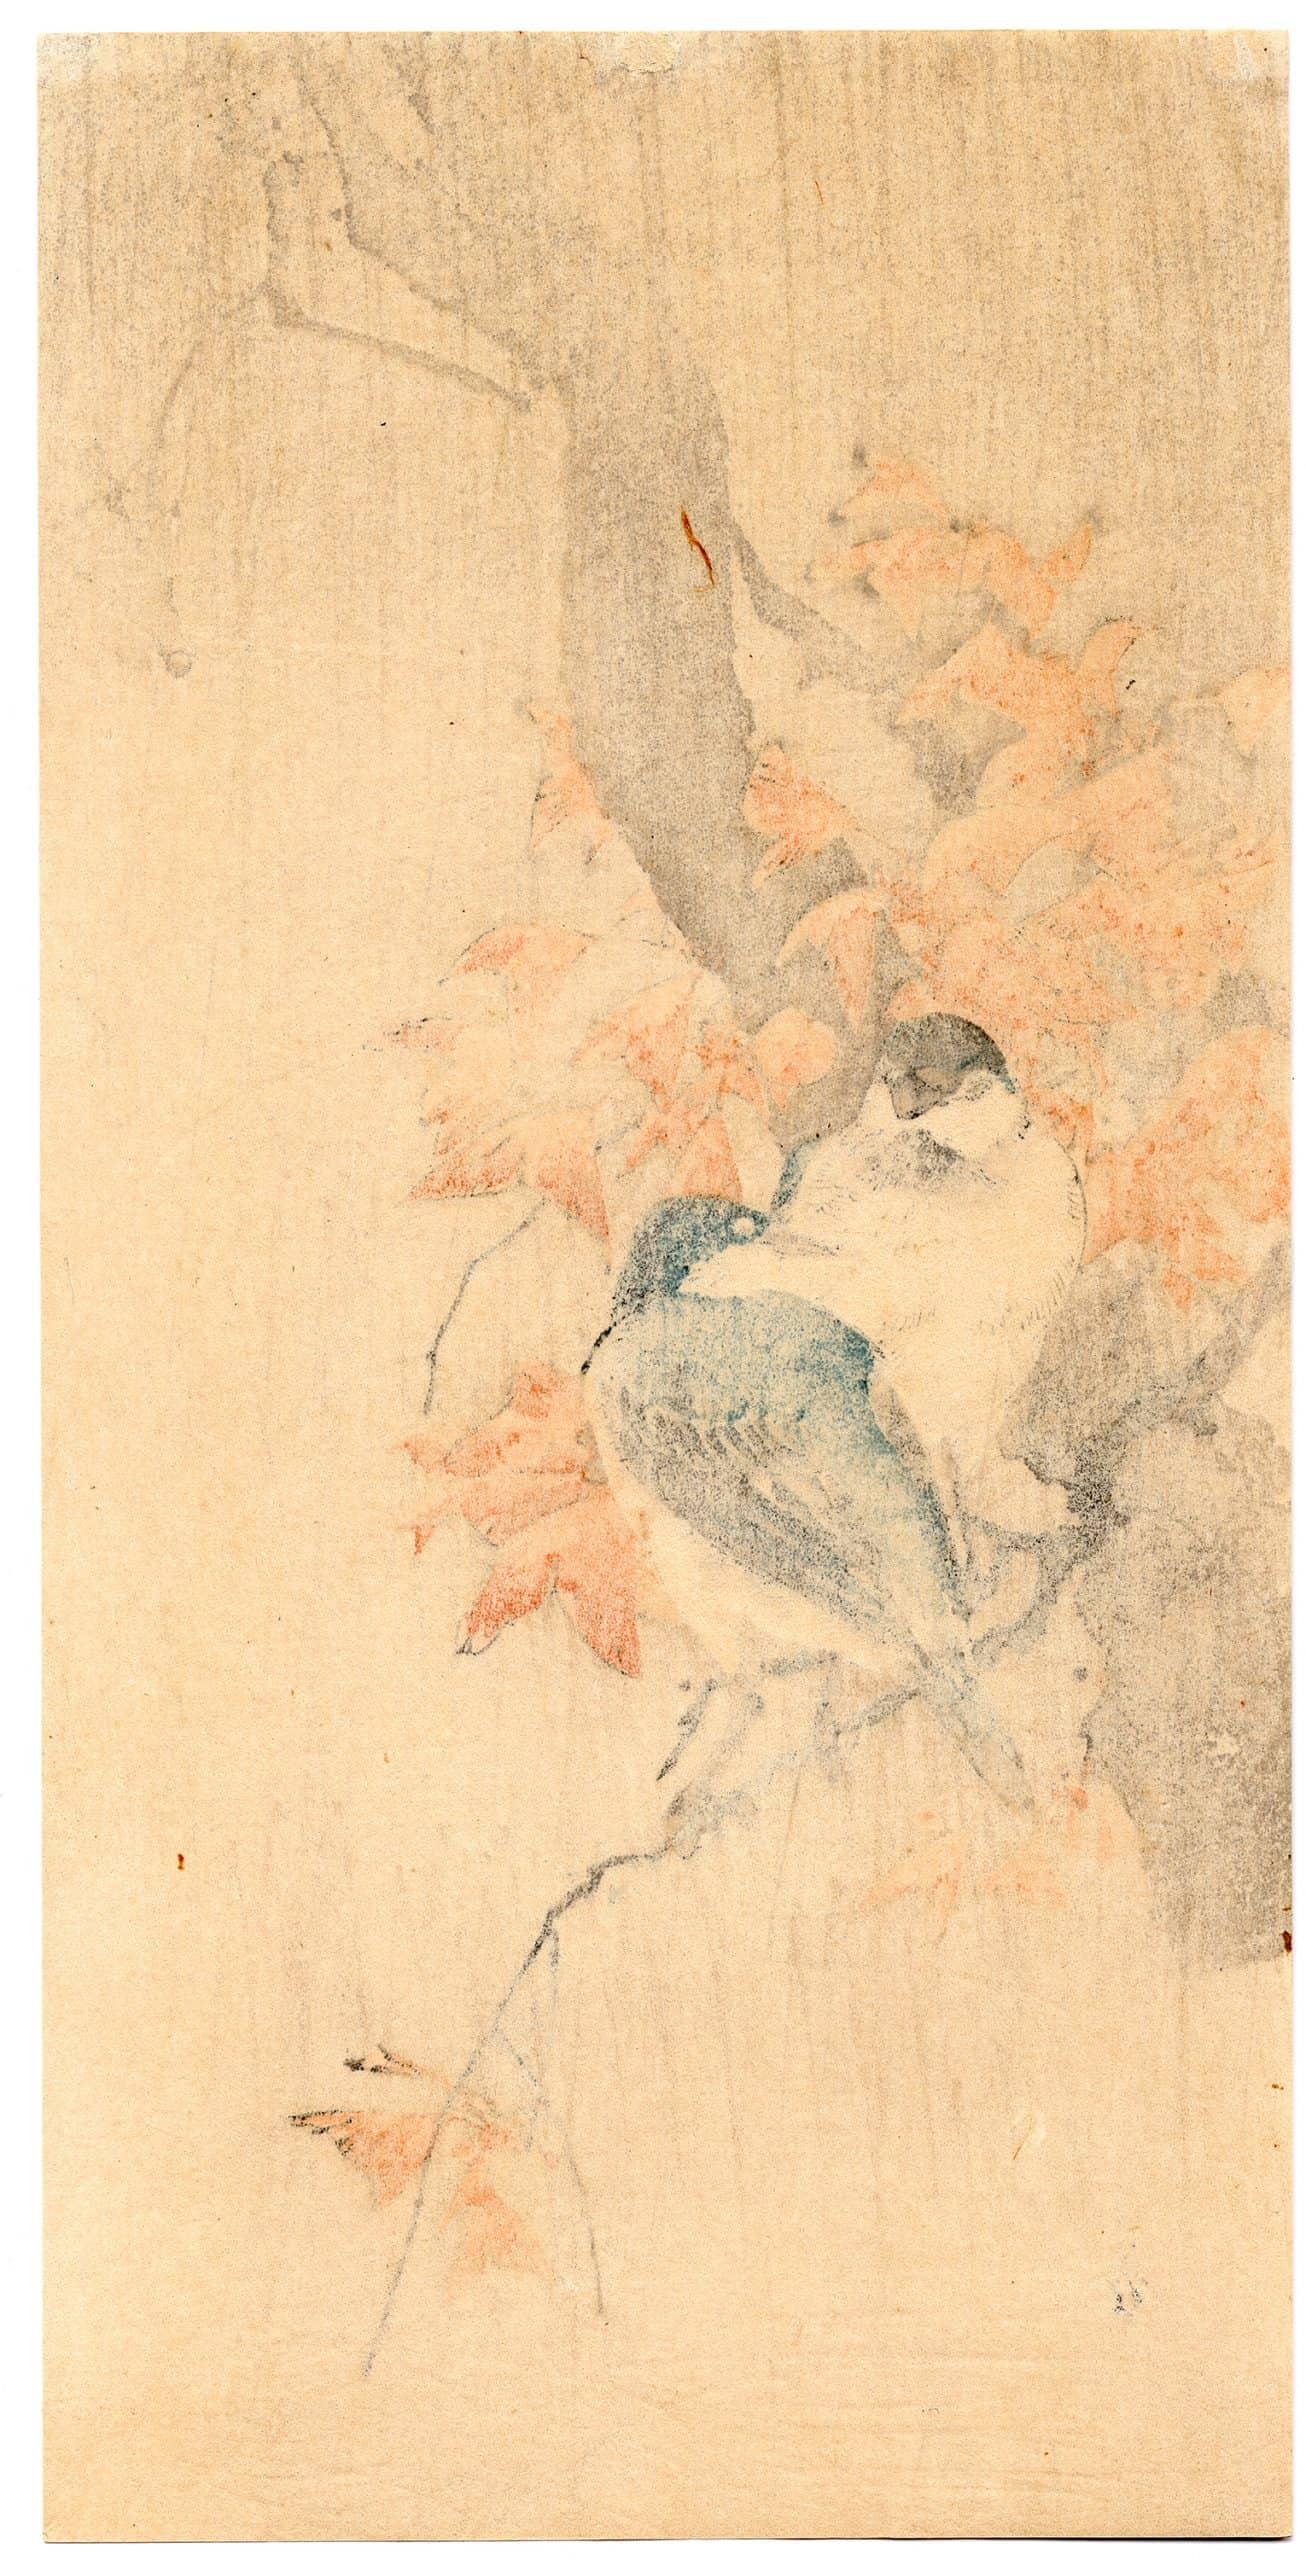 Yoshimoto Gesso - Bluebirds in Rain (verso)